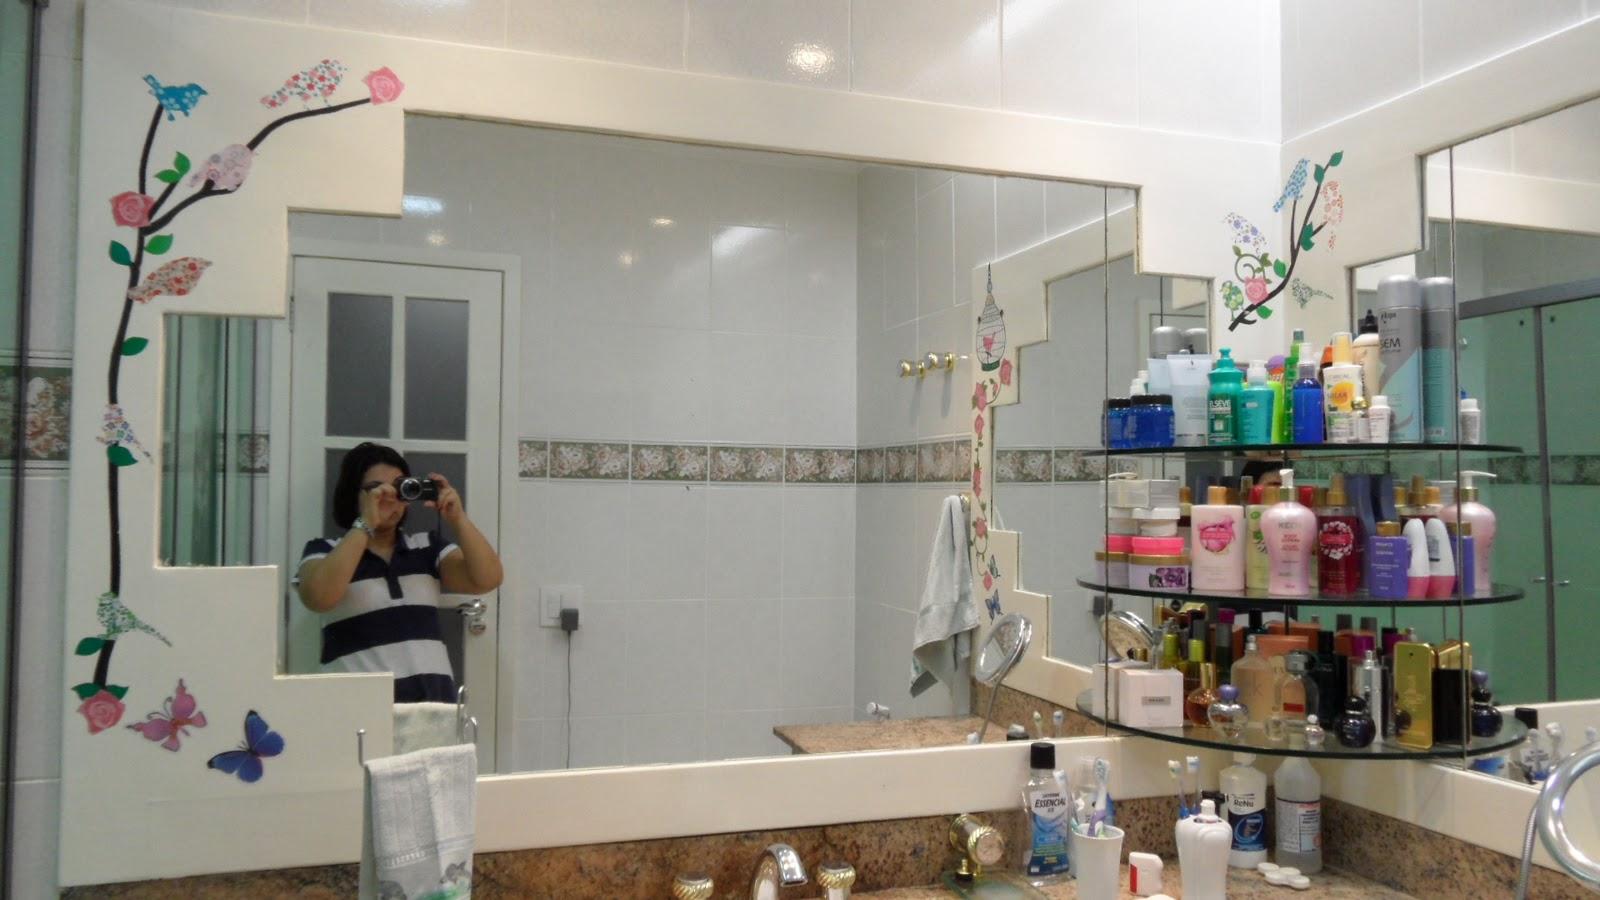 banheiro que tinha uma moldura larga branca foi decorado com flores  #303D6F 1600x900 Azulejo Para Banheiro Decorado